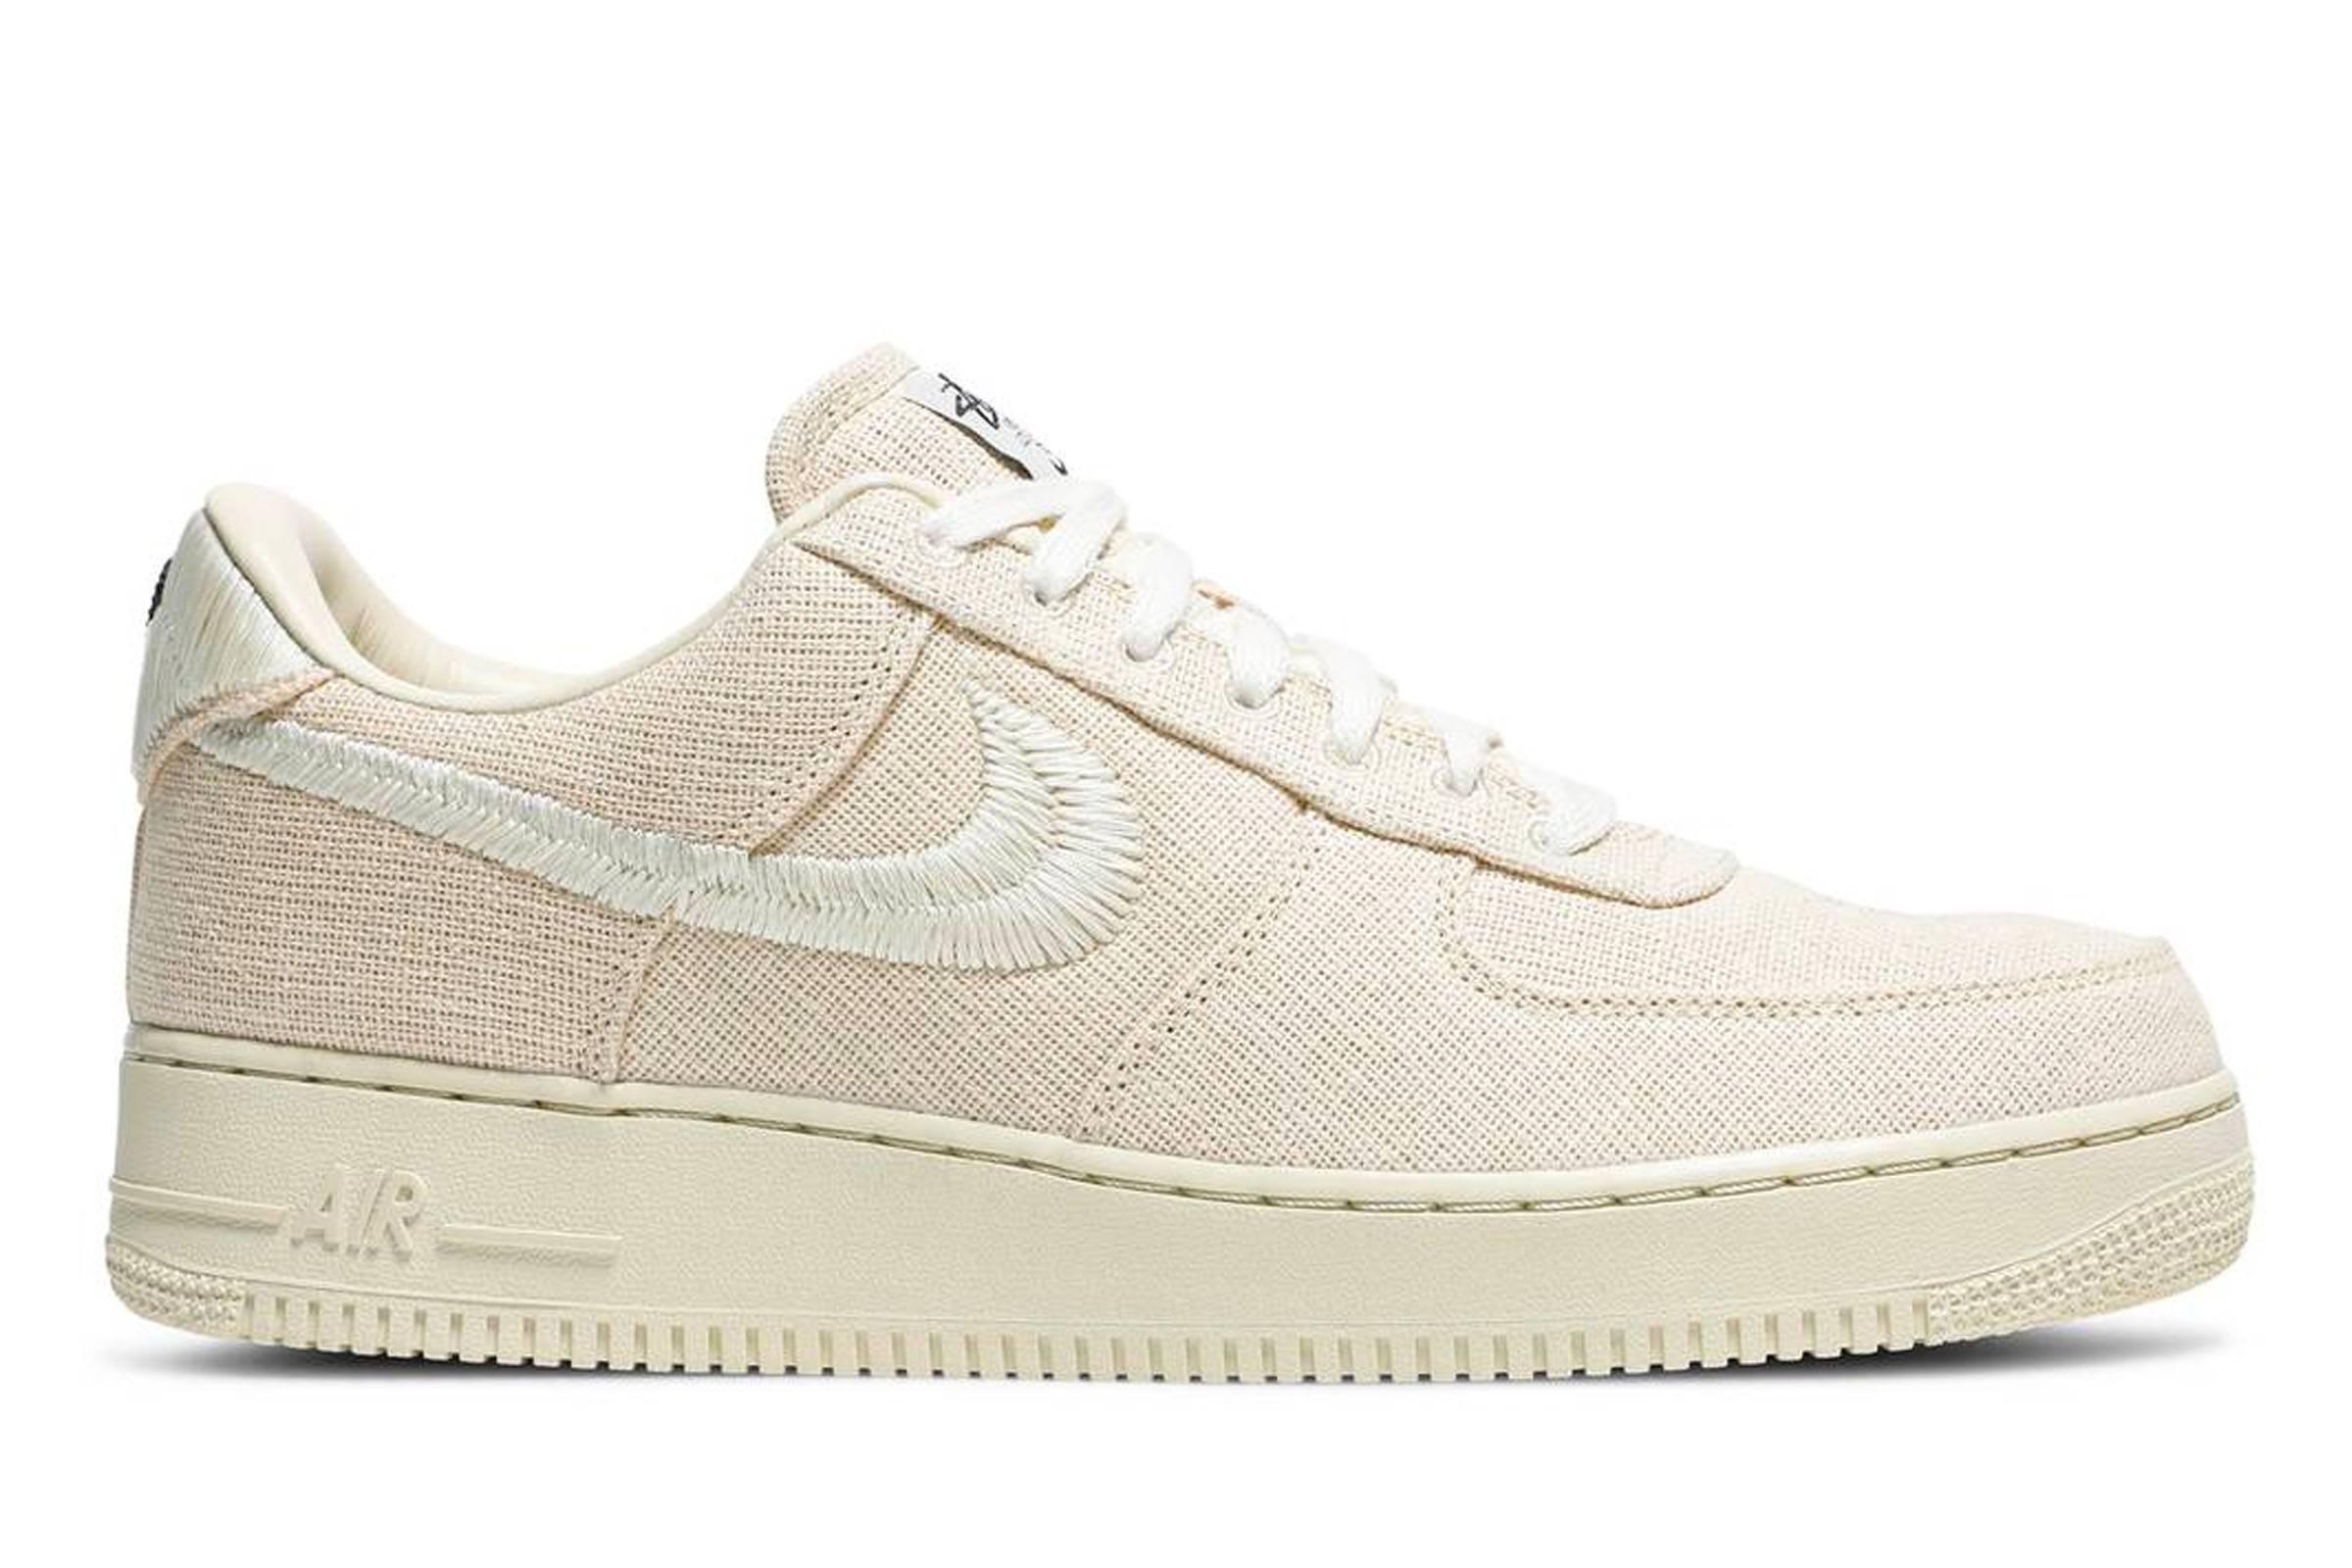 Stussy x Nike Air Force 1 (2020)